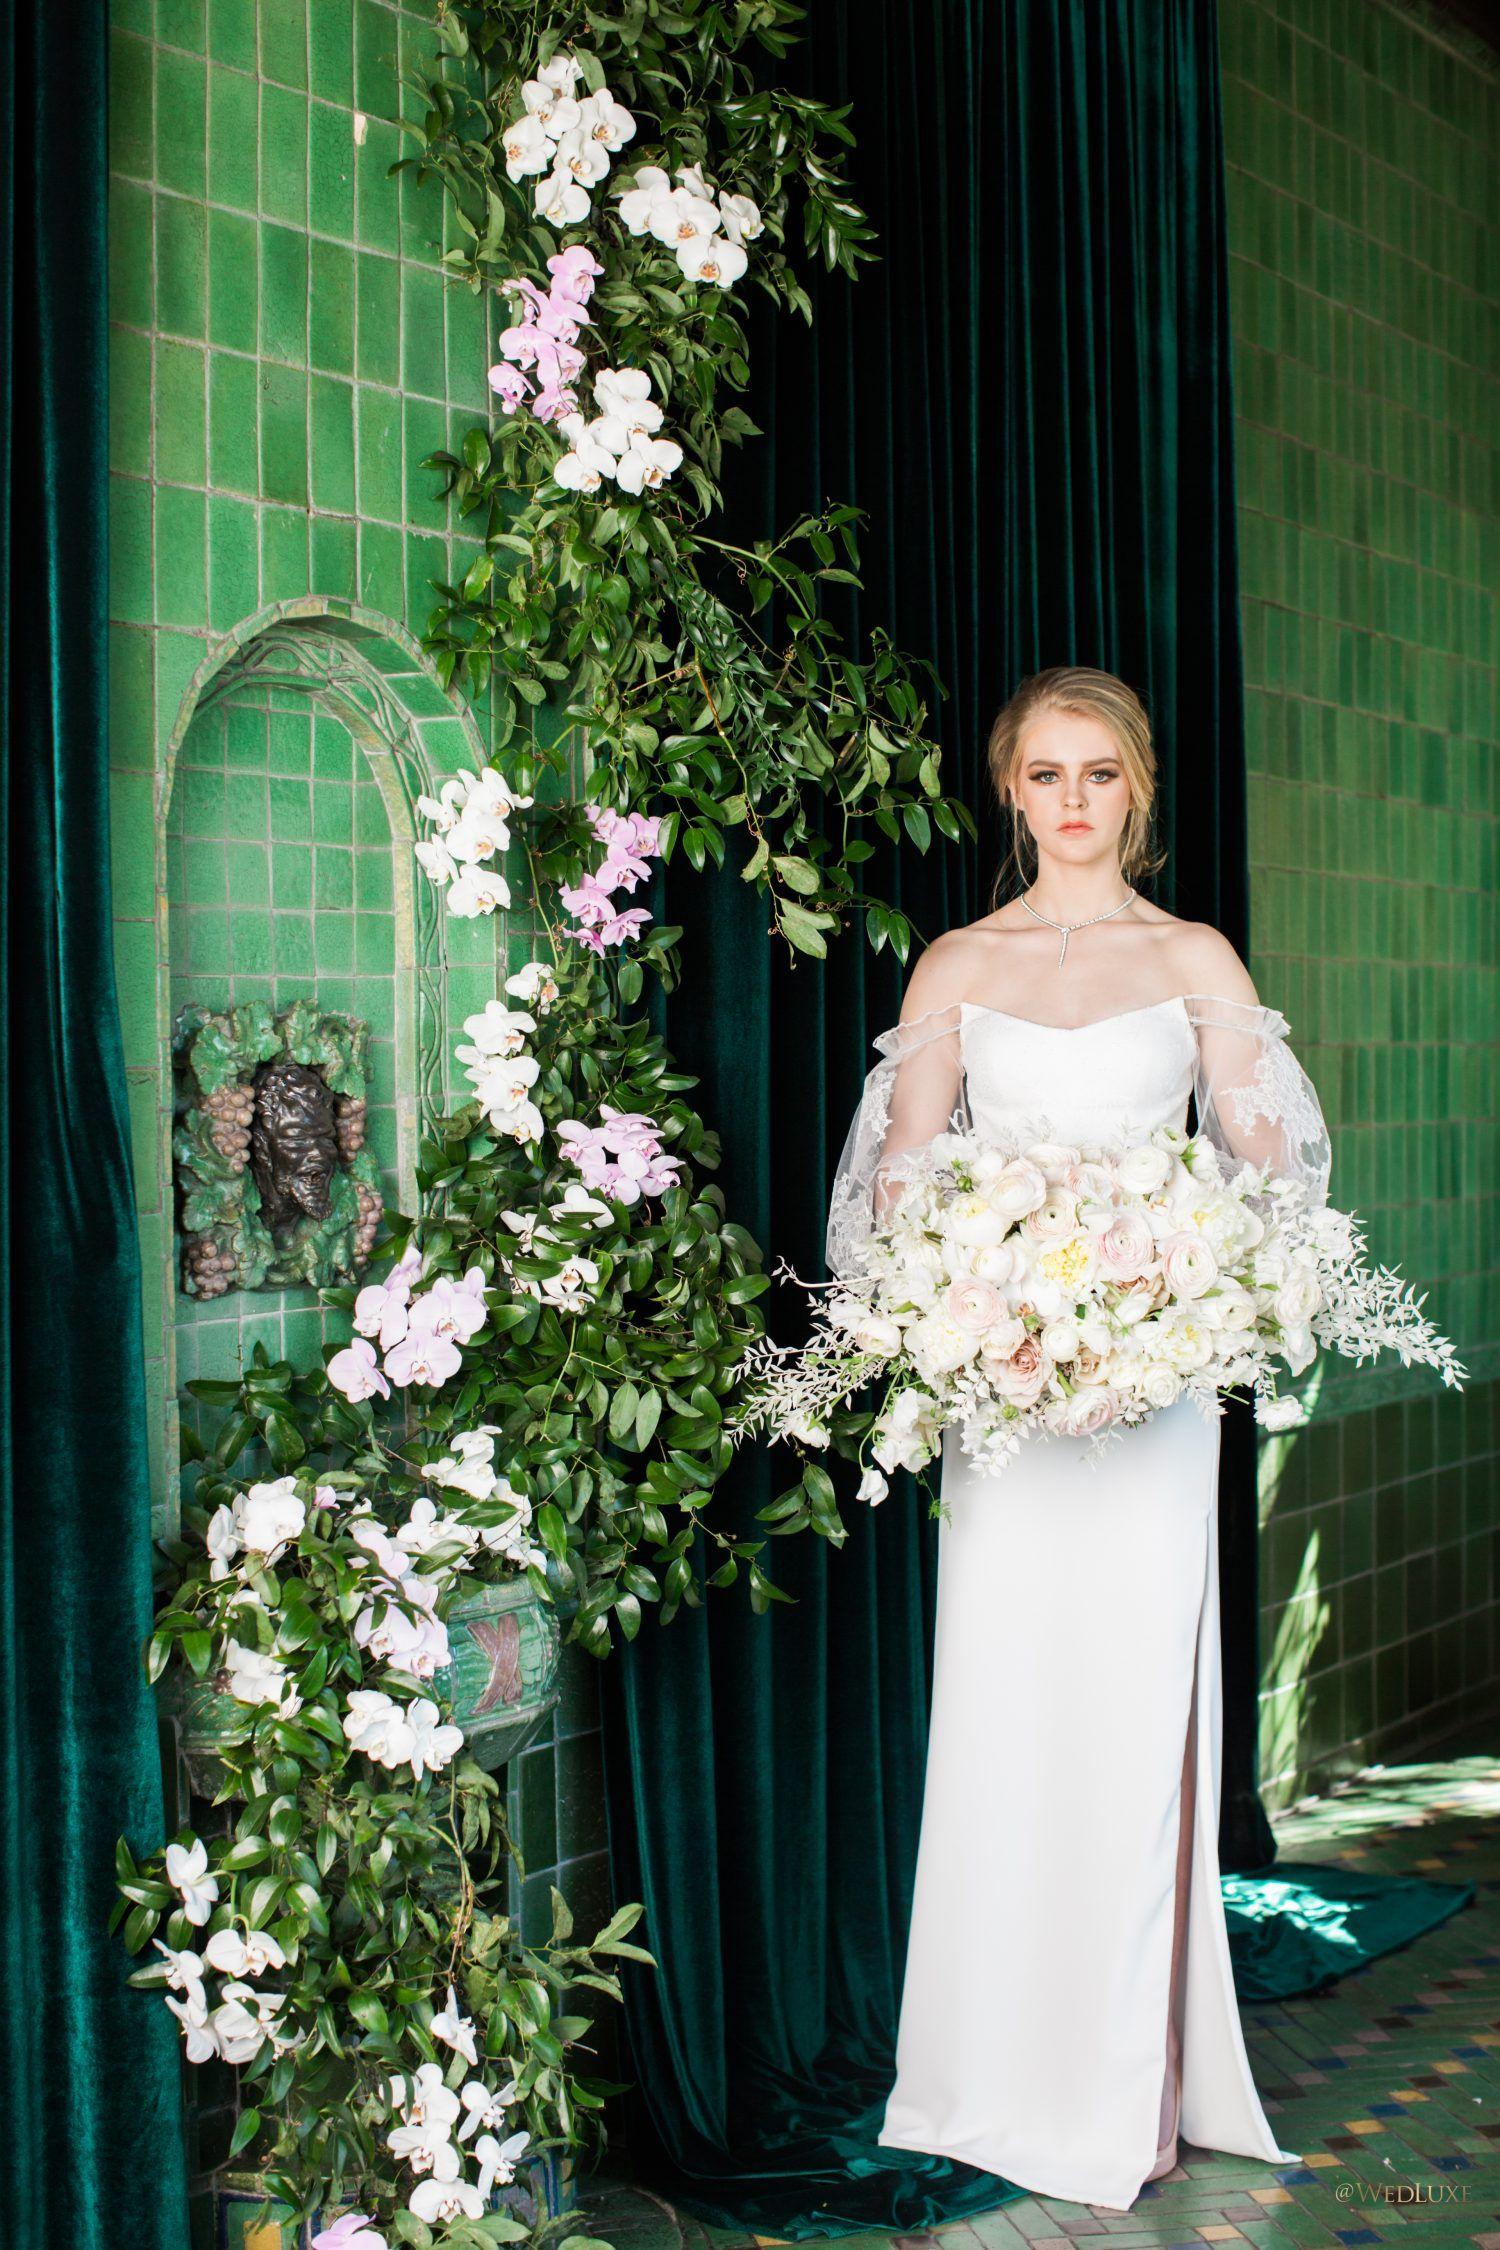 Nightwatch Green Wedding set up, Event planning design